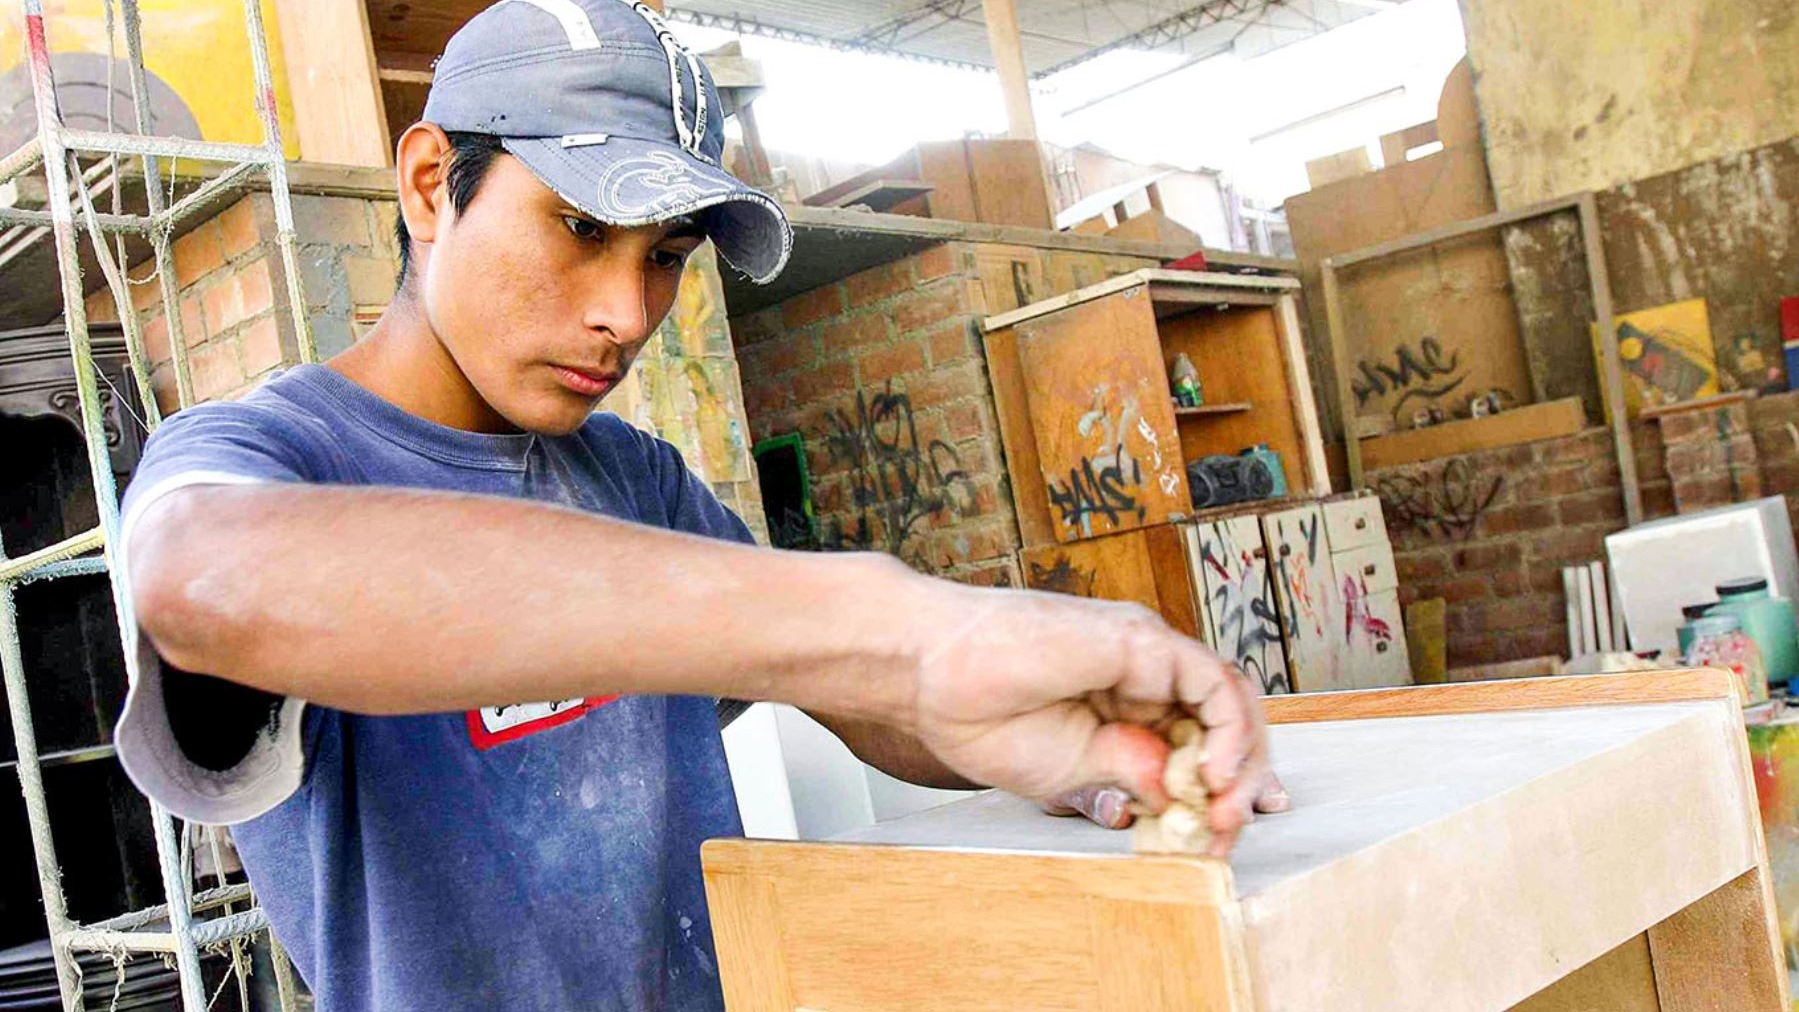 El Perú tiene los niveles más altos de informalidad laboral de América Latina.